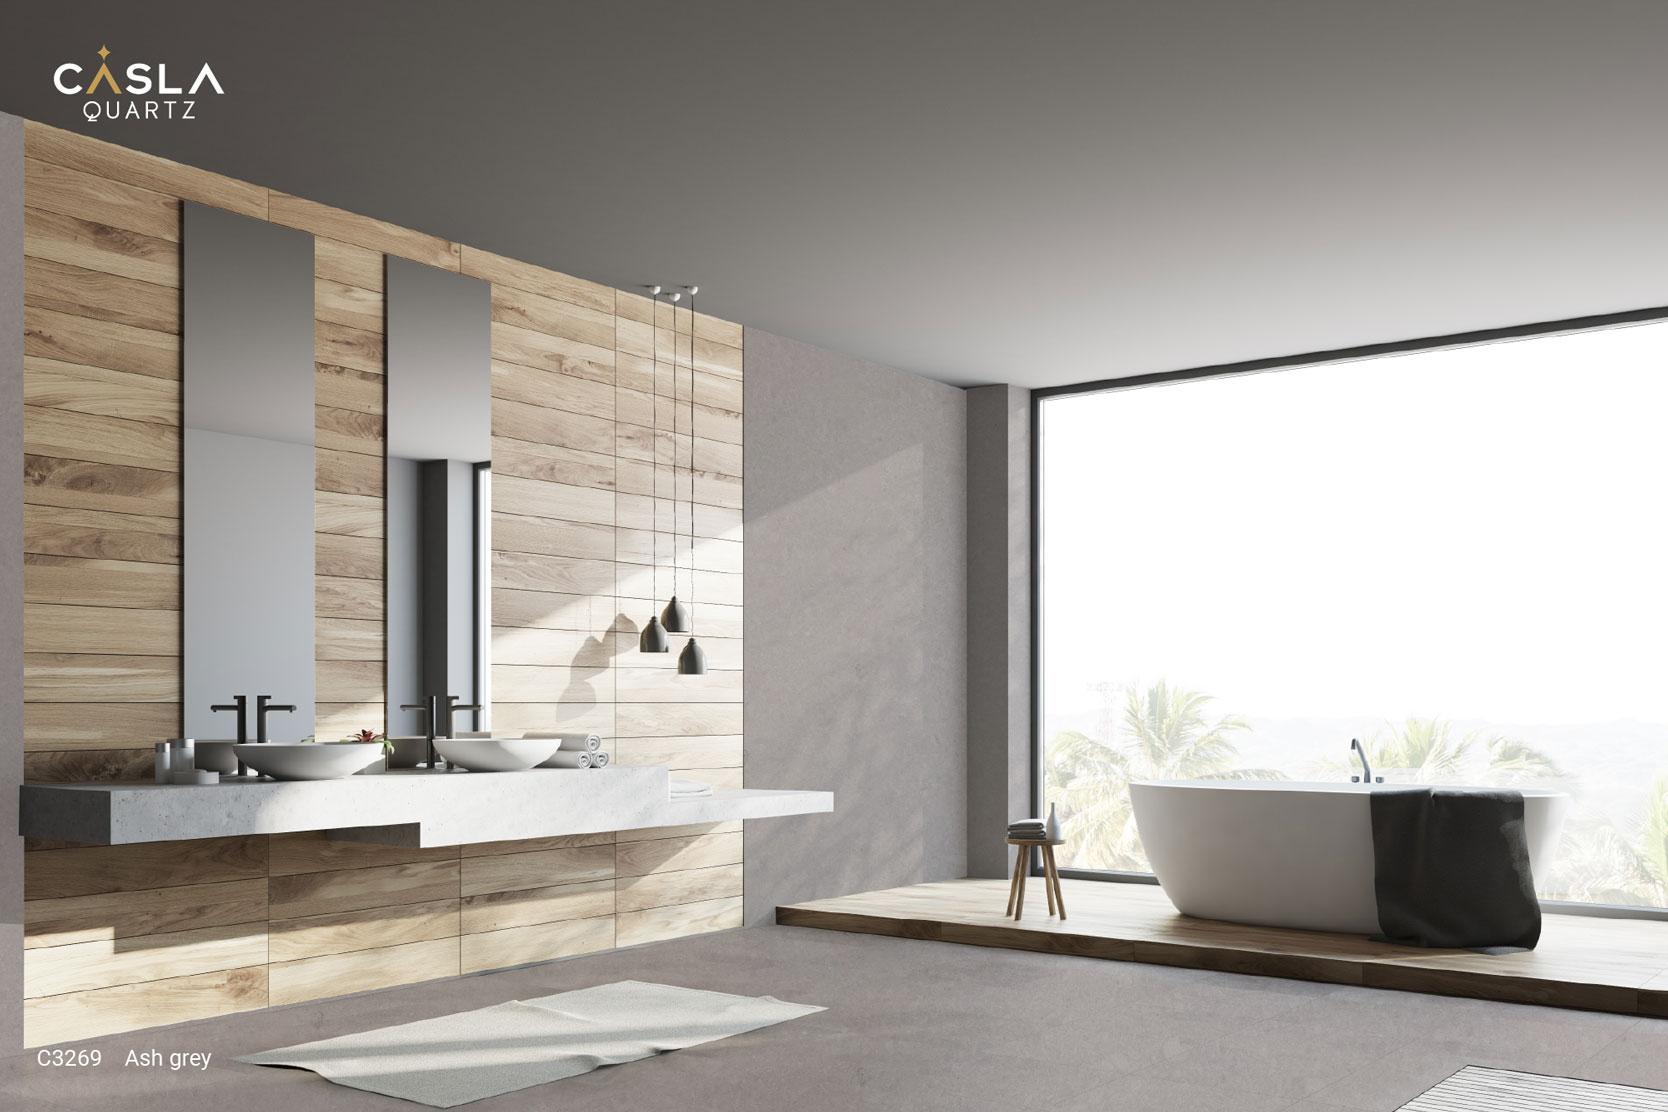 Đá thạch anh nhân tạo Ash Grey ốp tường nhà vệ sinh, phòng tắm rất trang nhã